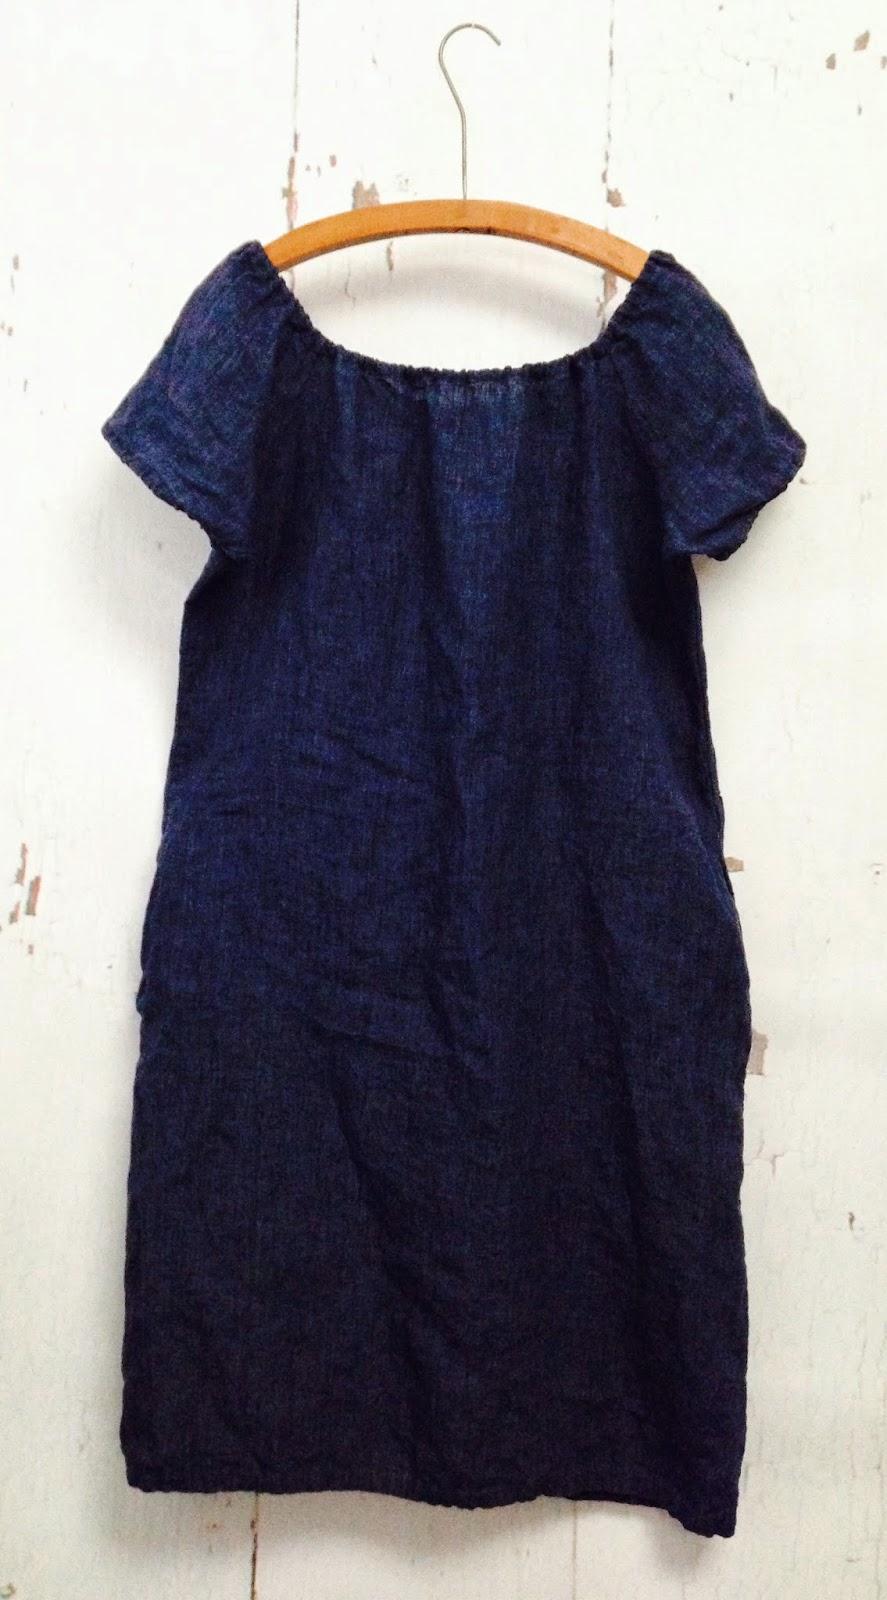 linen short/cap sleeve dress with side seam pockets